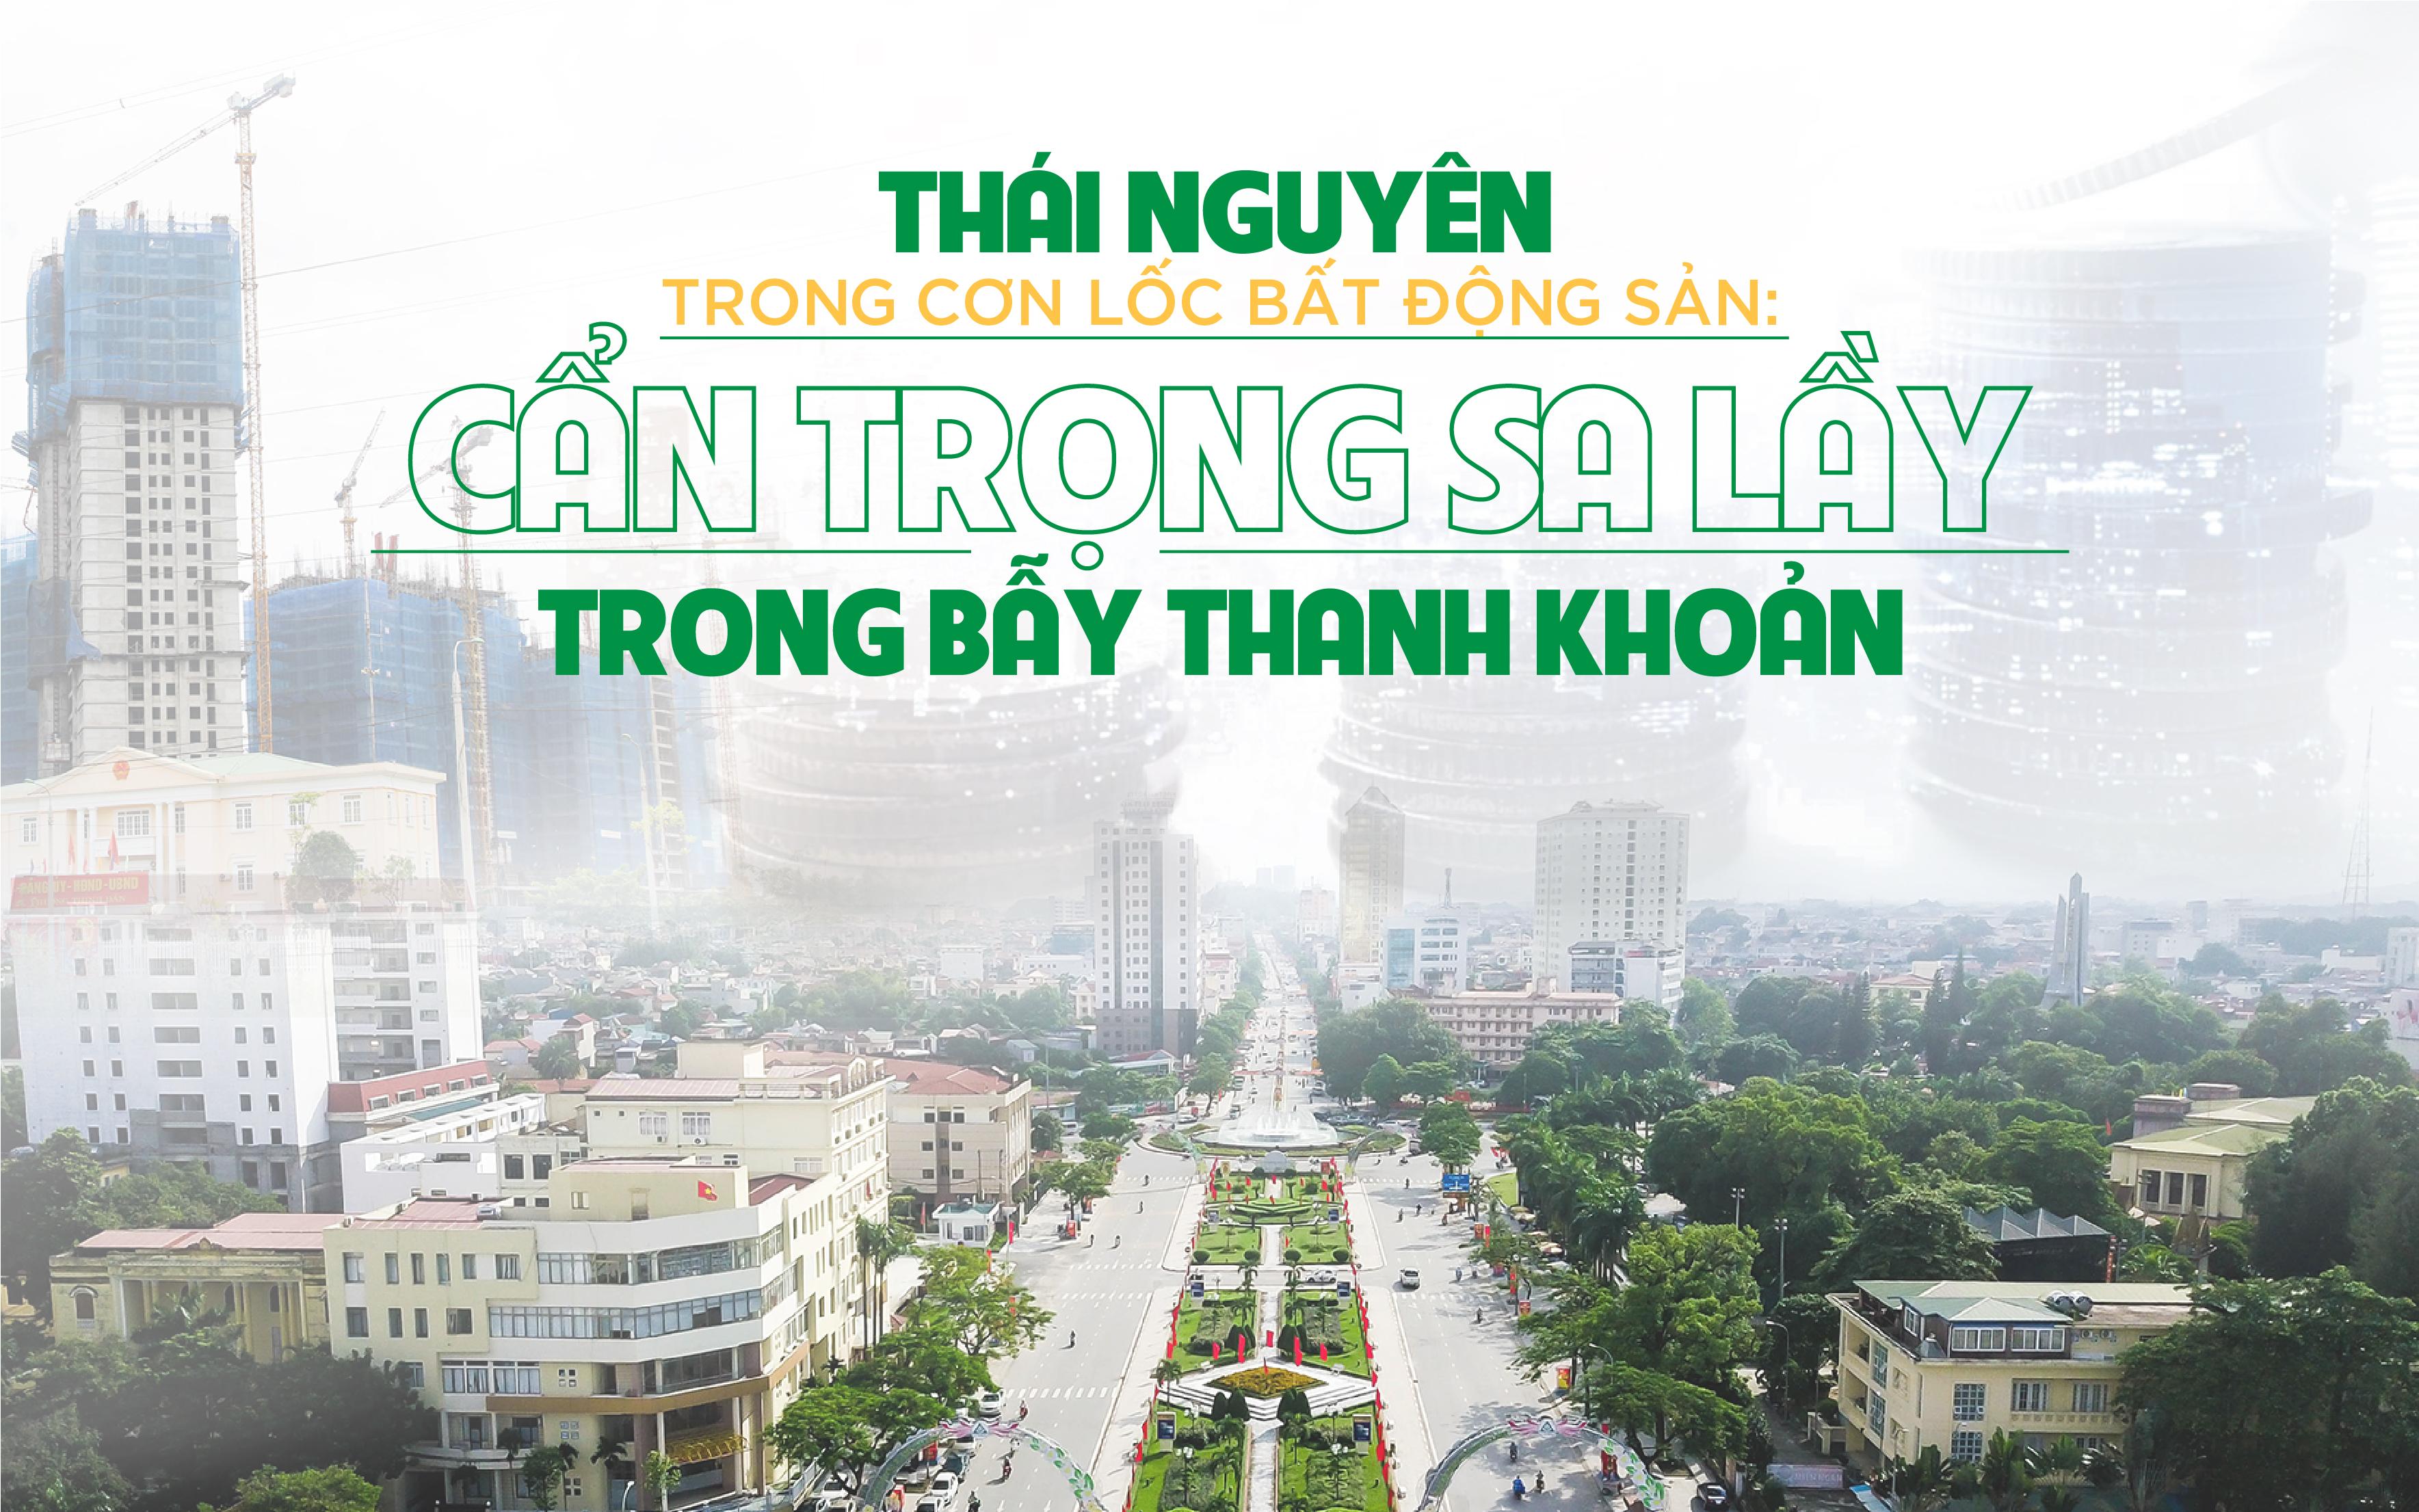 Thái Nguyên trong cơn lốc bất động sản: Cẩn trọng sa lầy trong bẫy thanh khoản